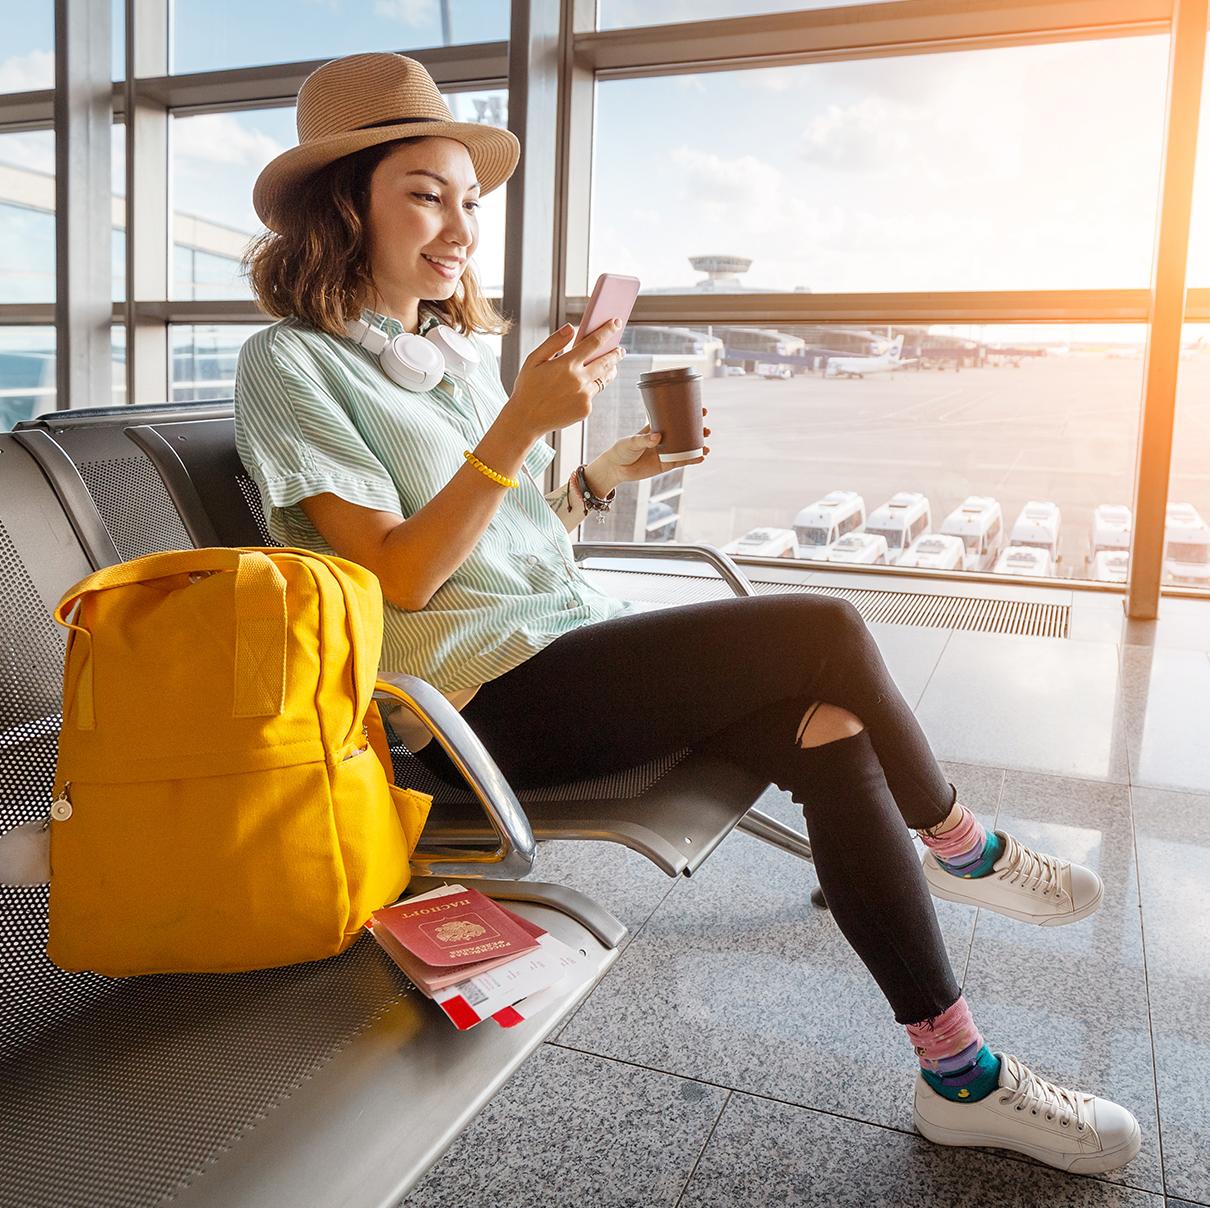 Pensou em Viajar?